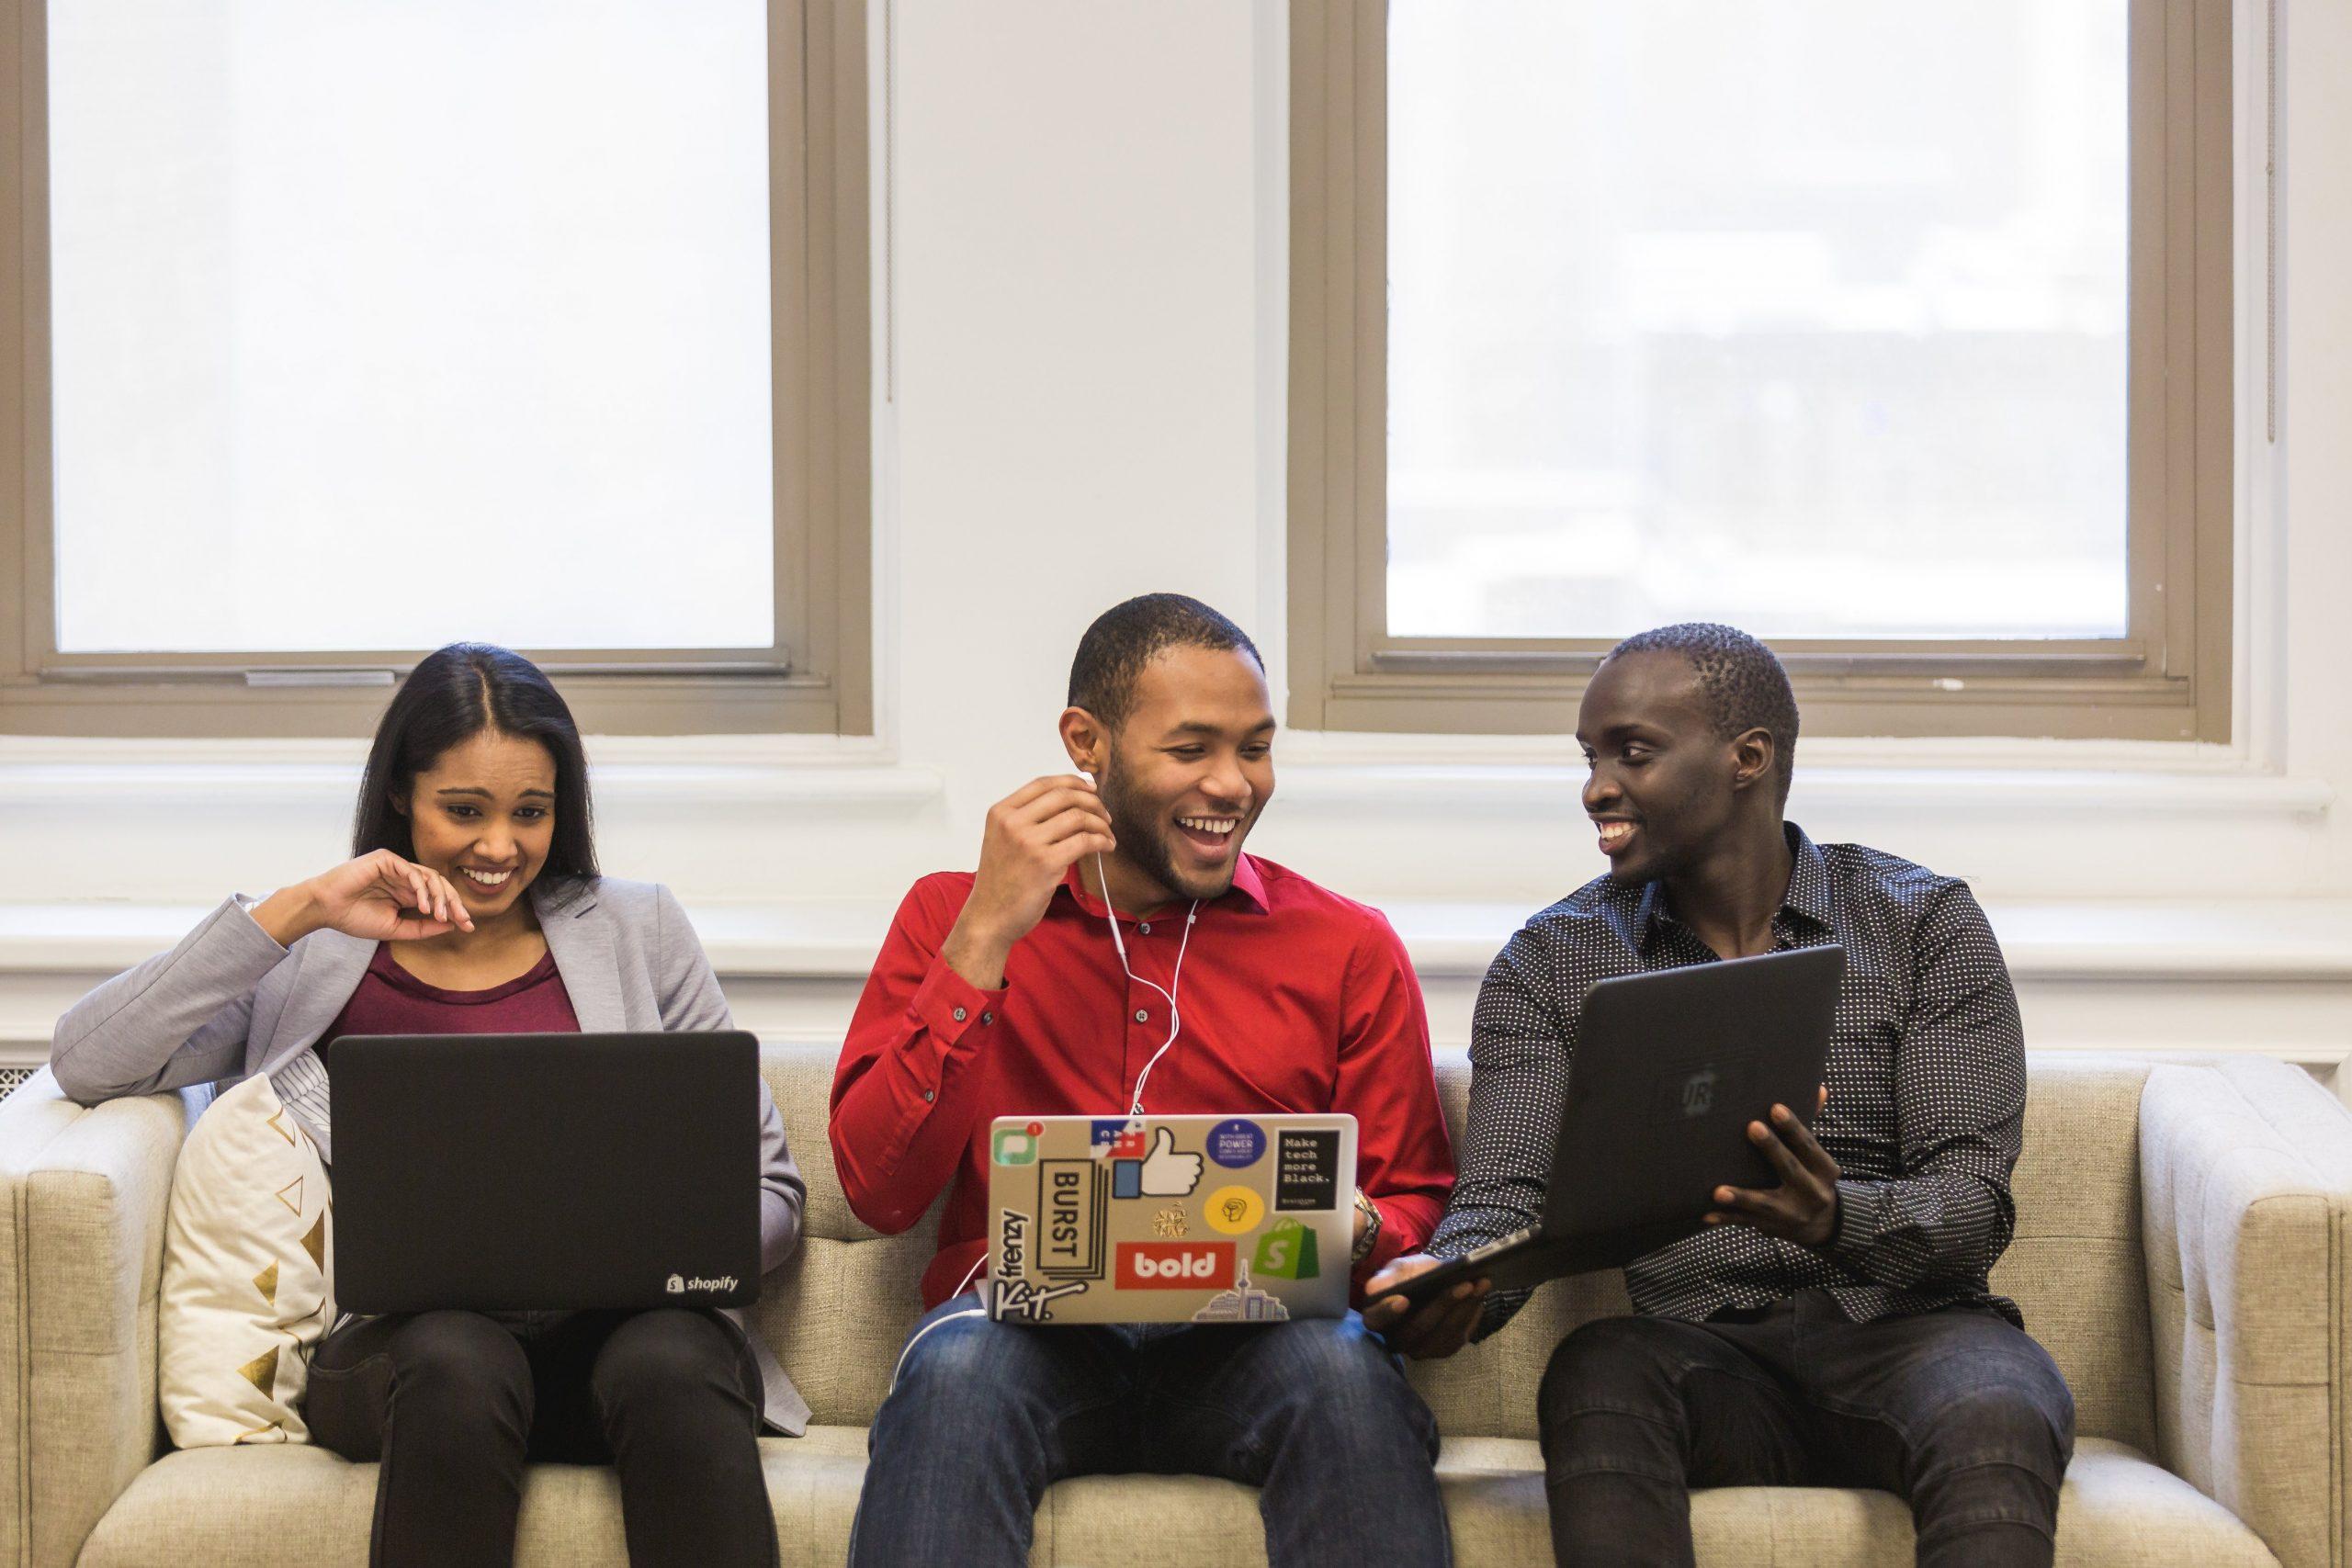 groupe de 3 personnes travaillant sur leur ordinateur